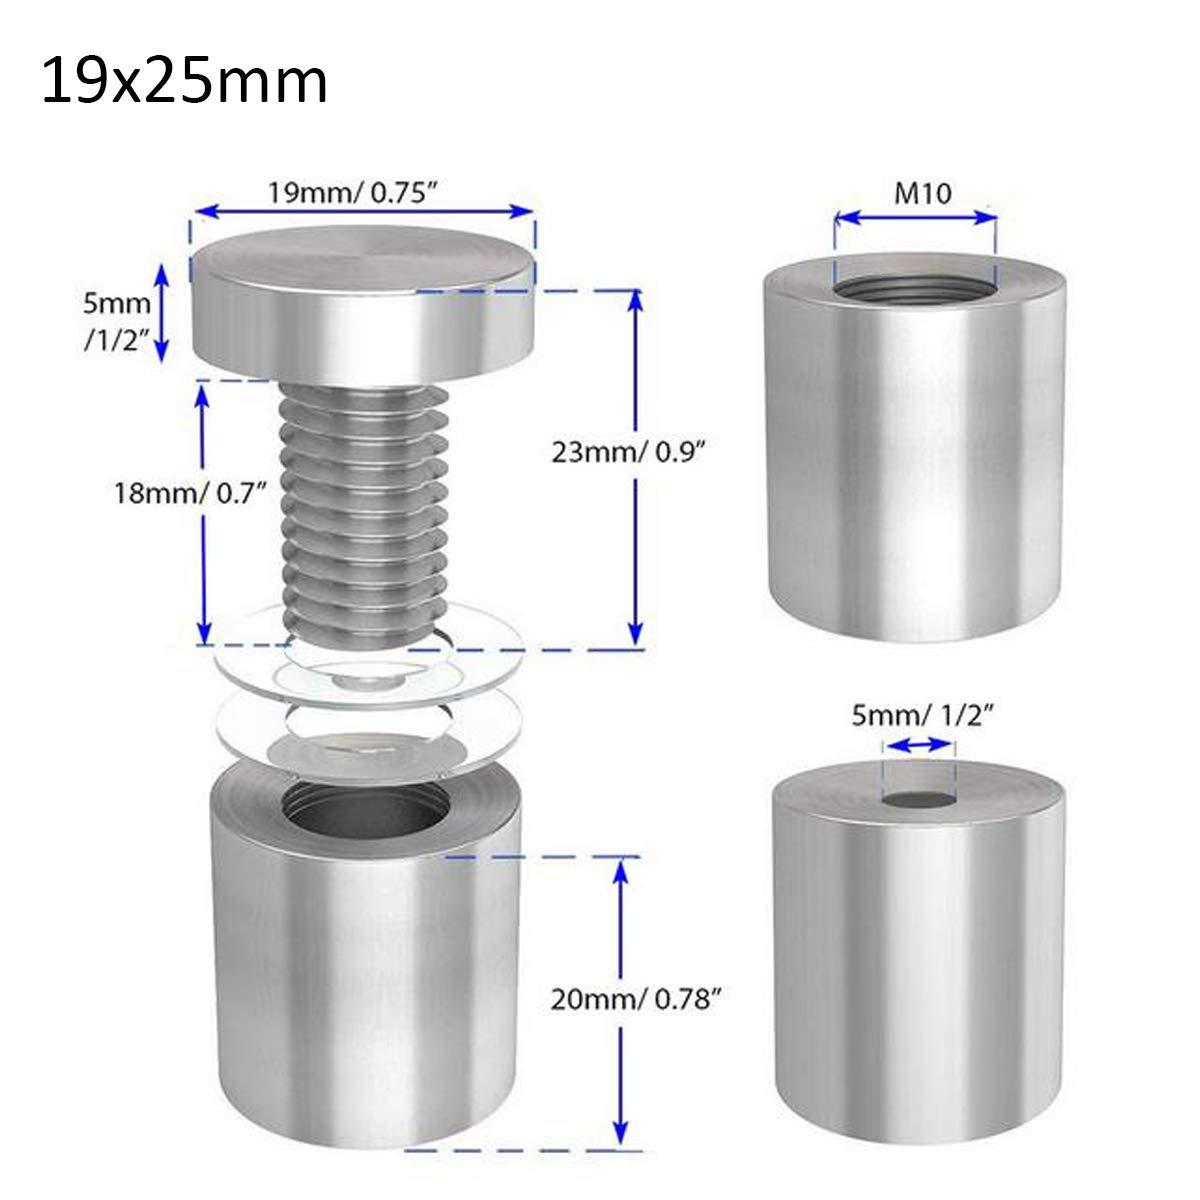 12 x 20mm 16 x 20mm 19 x 25mm Glas Abstandshalter,Zuzer 30pcs Edelstahl Abstandschrauben Wandabstandshalter Werbung Schraube